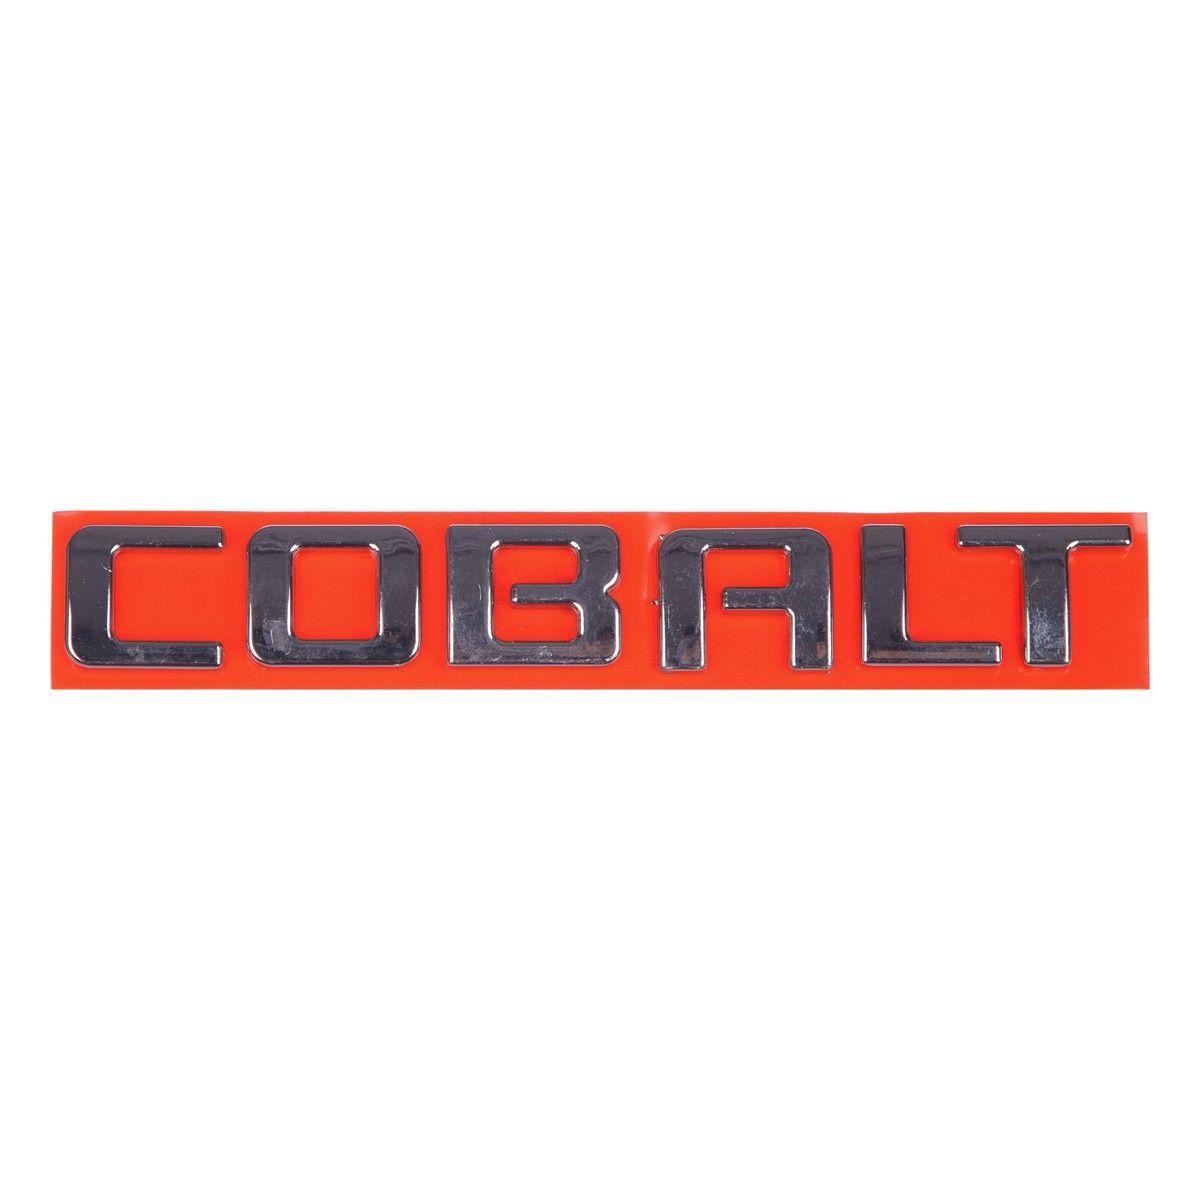 Emblema *Cobalt* tampa traseira porta malas- Cobalt